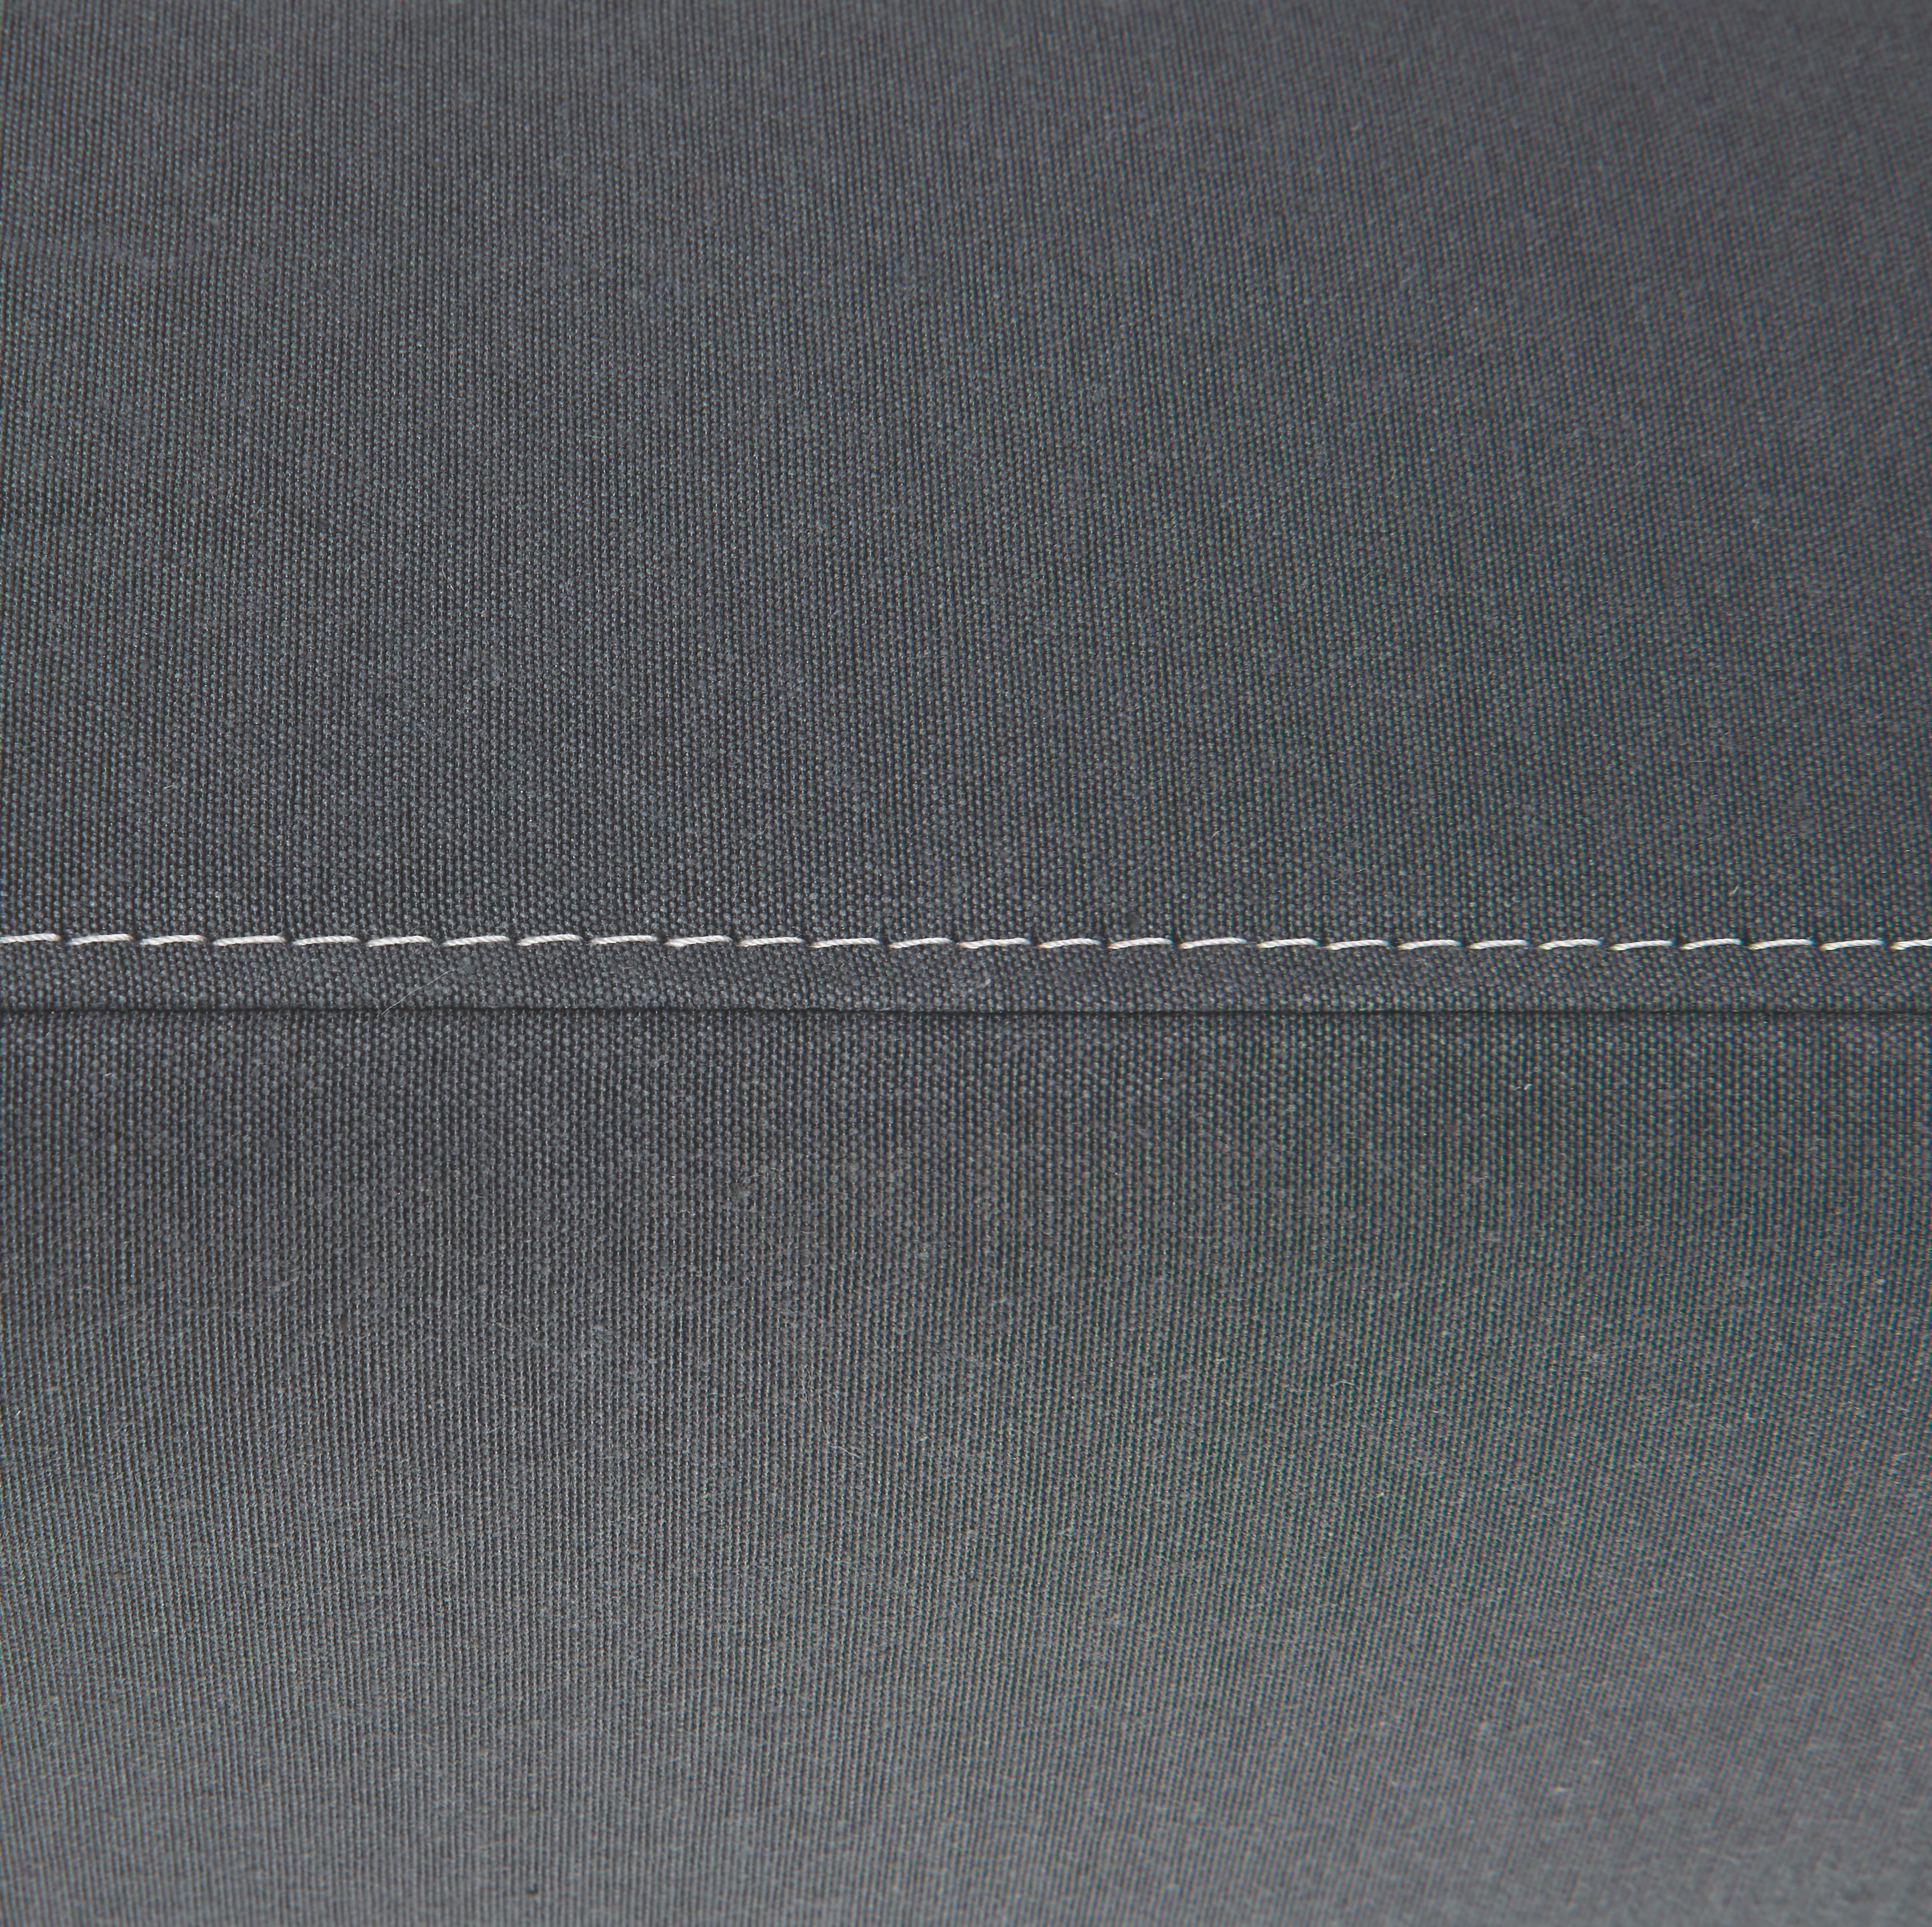 Kanapéágy Easy - világosszürke/szürke, textil (146/71/81cm)